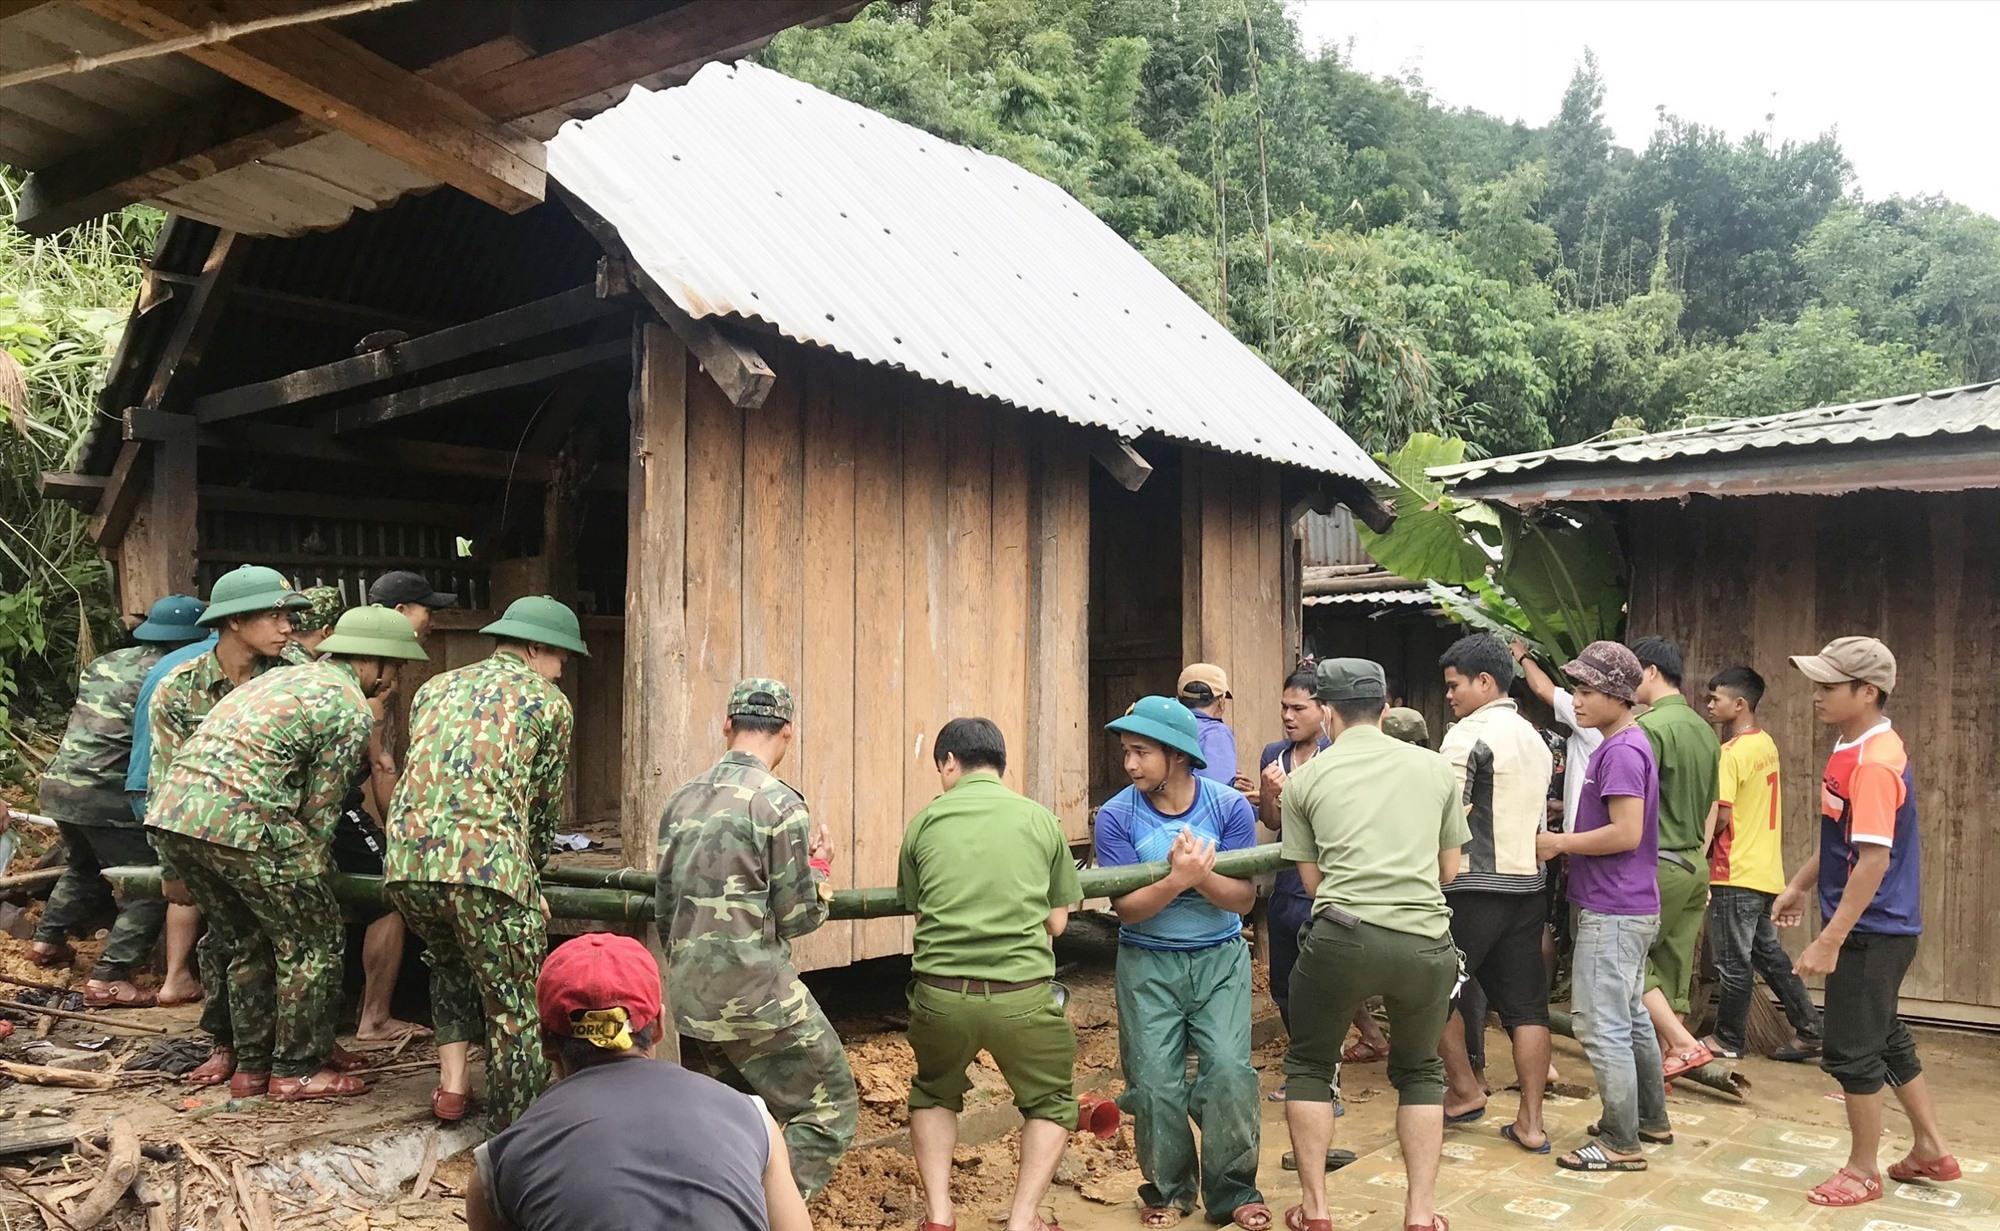 Cán bộ, chiến sĩ Đồn Biên phòng A Nông giúp dân di chuyển nhà do sạt lở tại thôn Pơning, xã Lăng, huyện Tây Giang. Ảnh: VĂN VINH